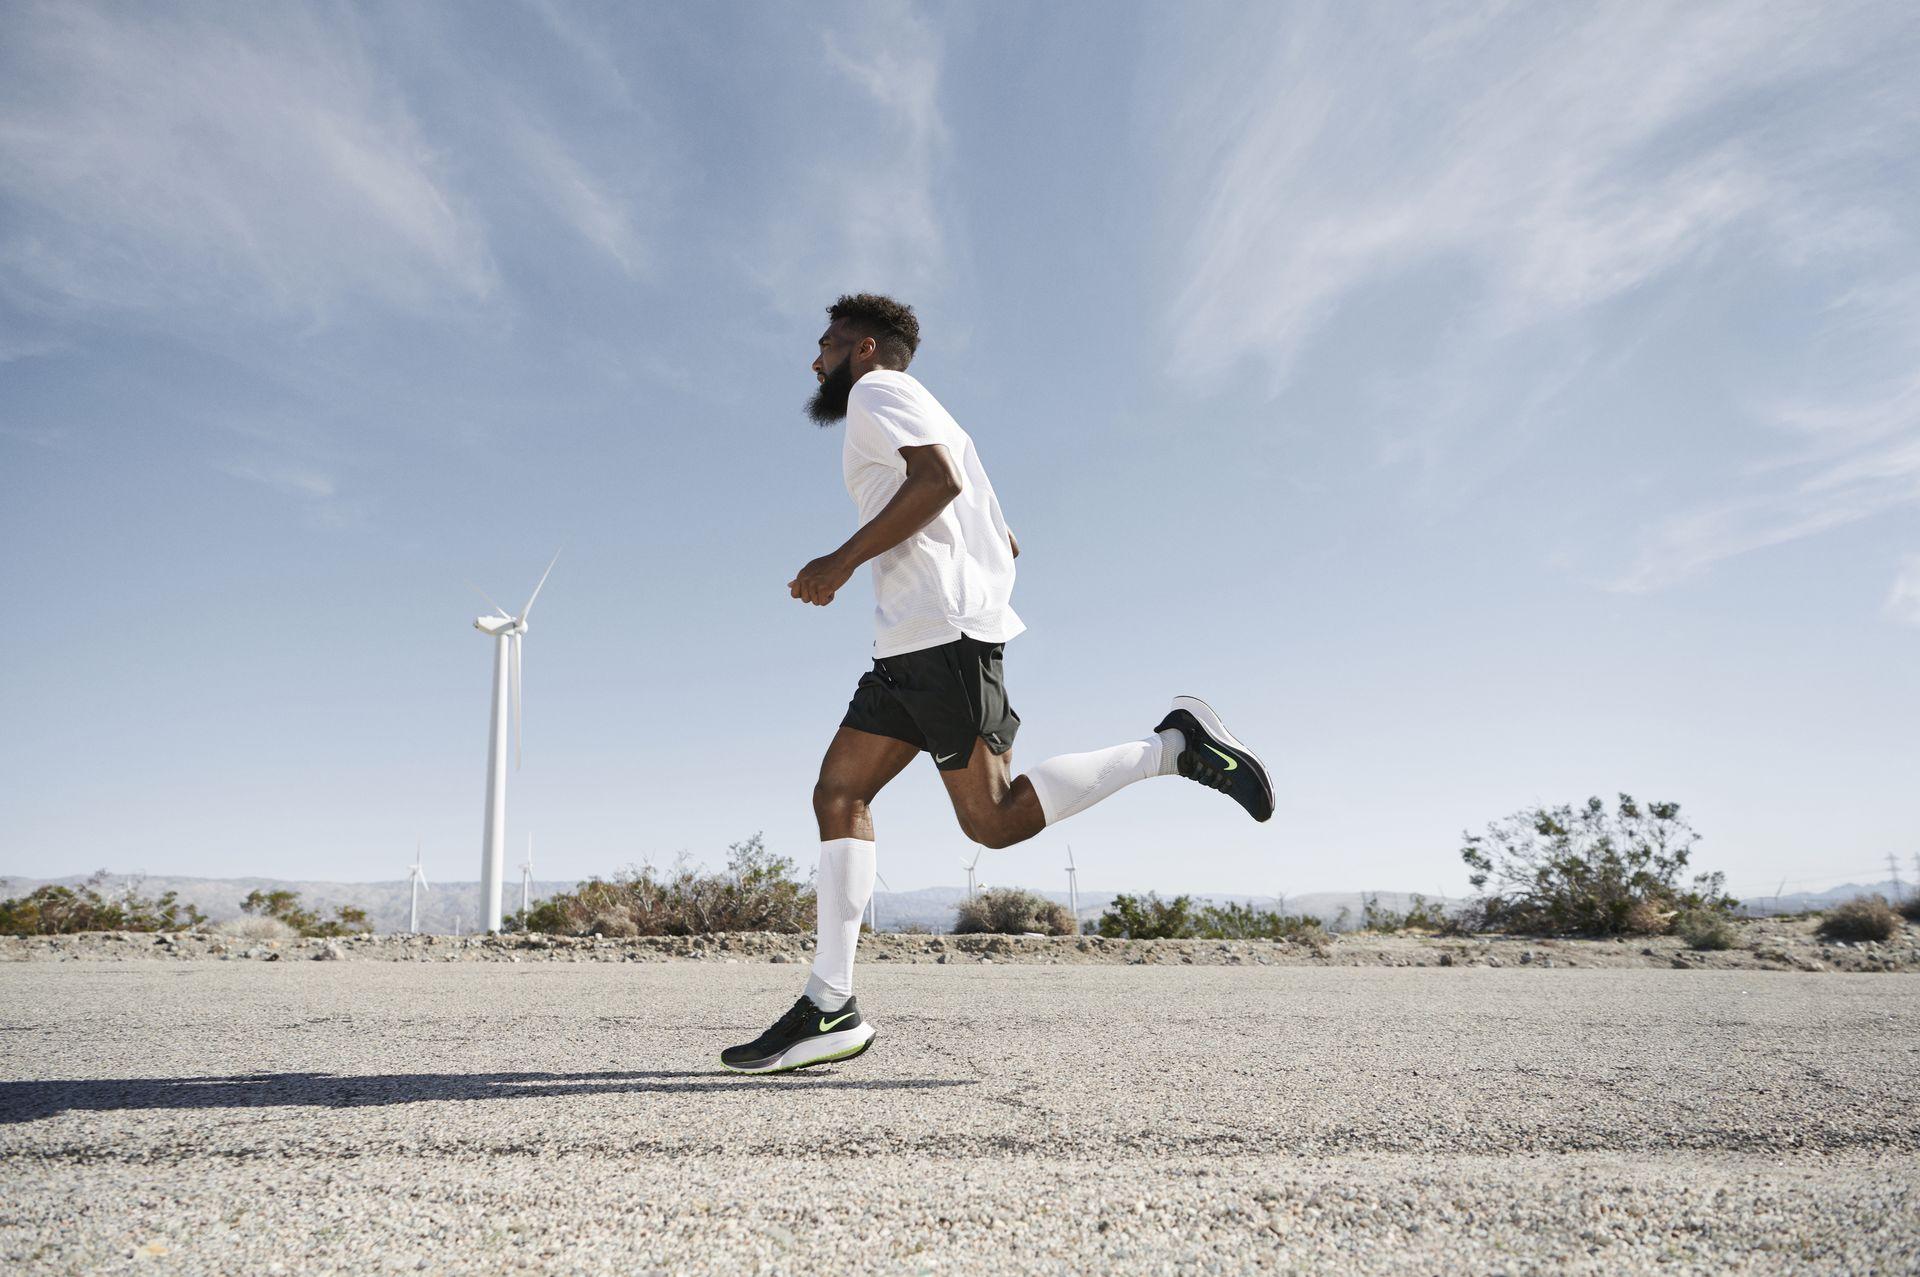 Welke schoenen zijn het beste voor brede voeten? | Nike Help